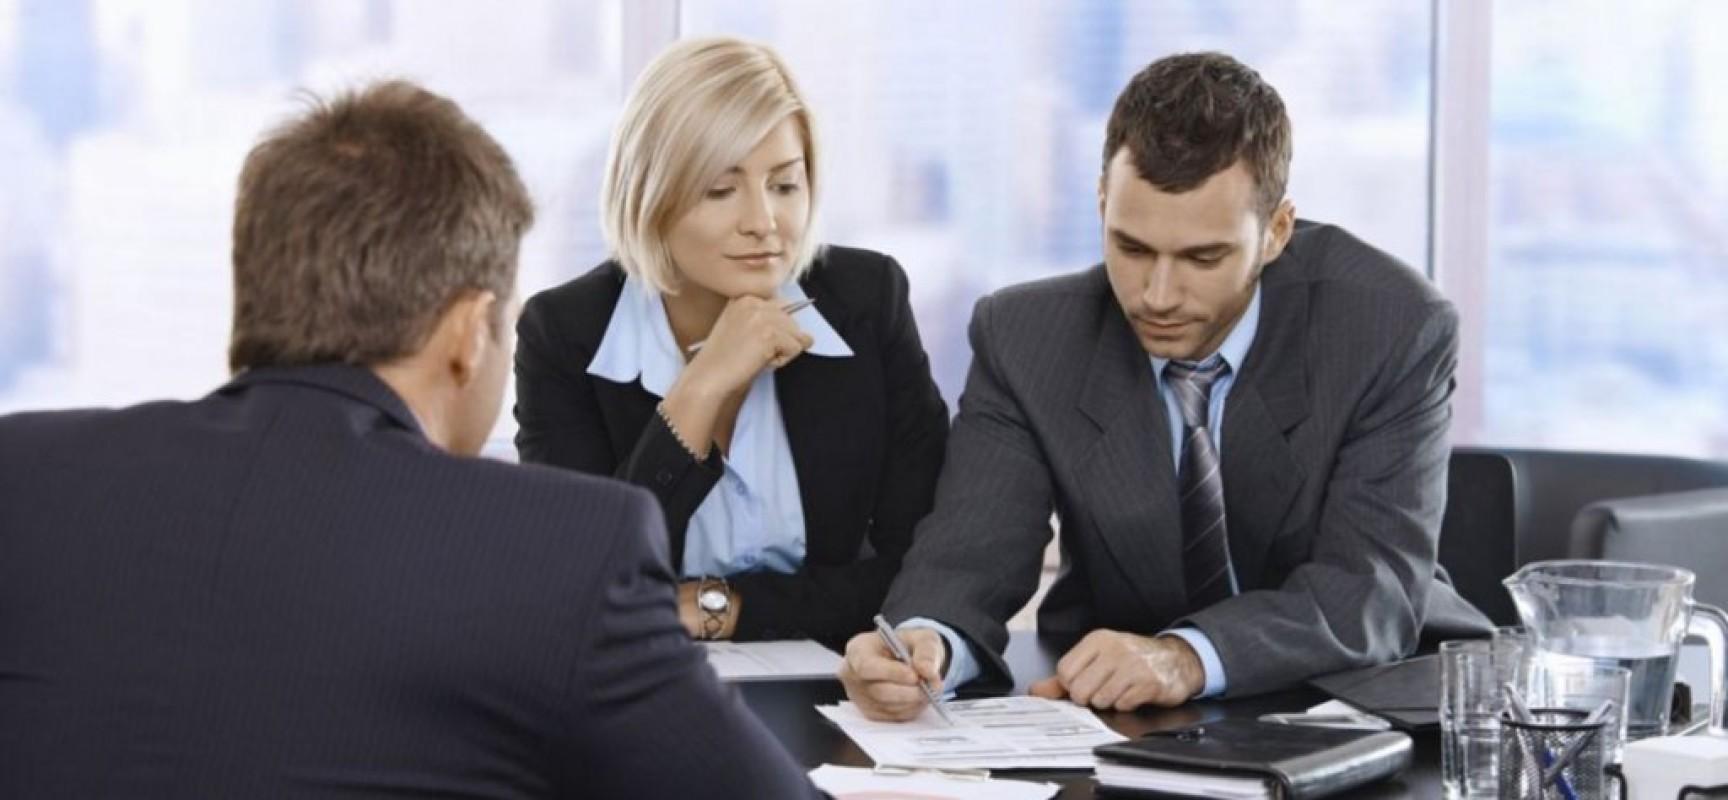 Сроки в трудовом праве: как избежать неприятностей?